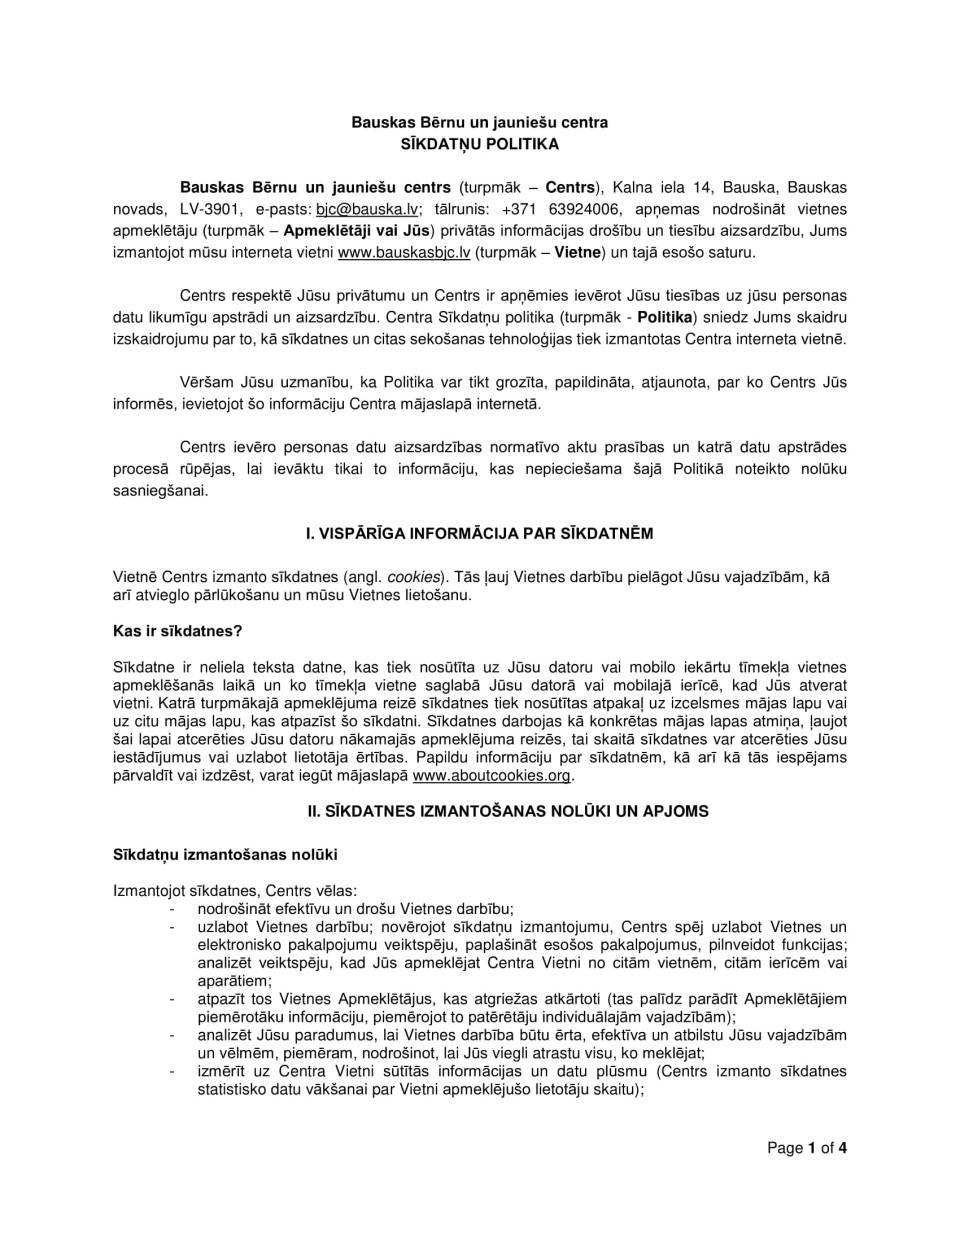 sikdatnu politika_jauniesu centrs (1)-converted-1